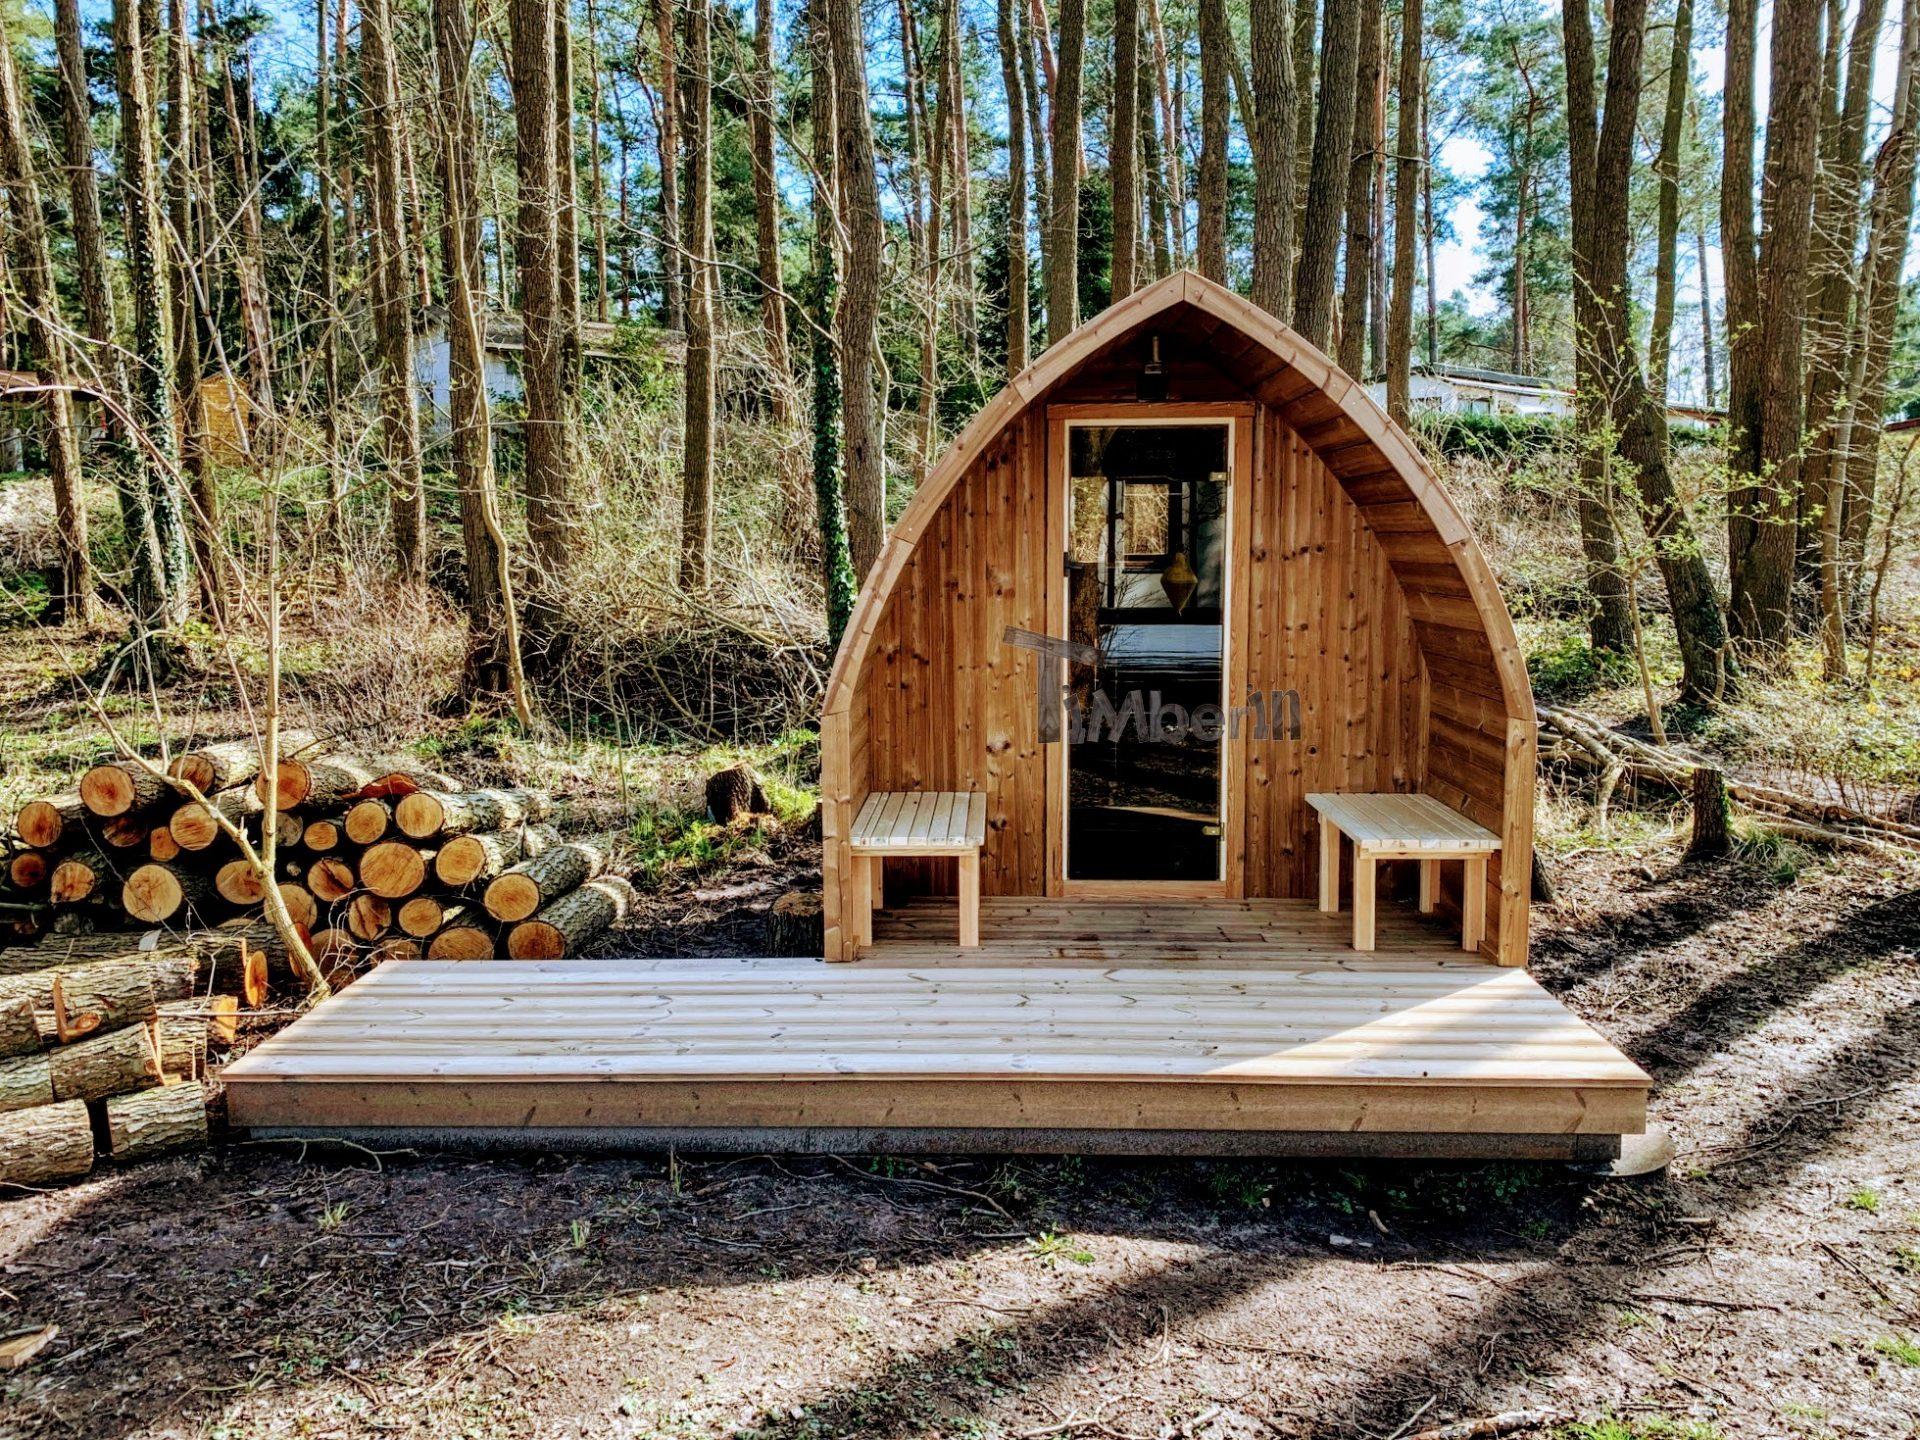 Außensauna-für-Garten-Iglu-Design-Ray-Berlin-Deutschland-1-1 Bewertungen - Erfahrung TimberIN